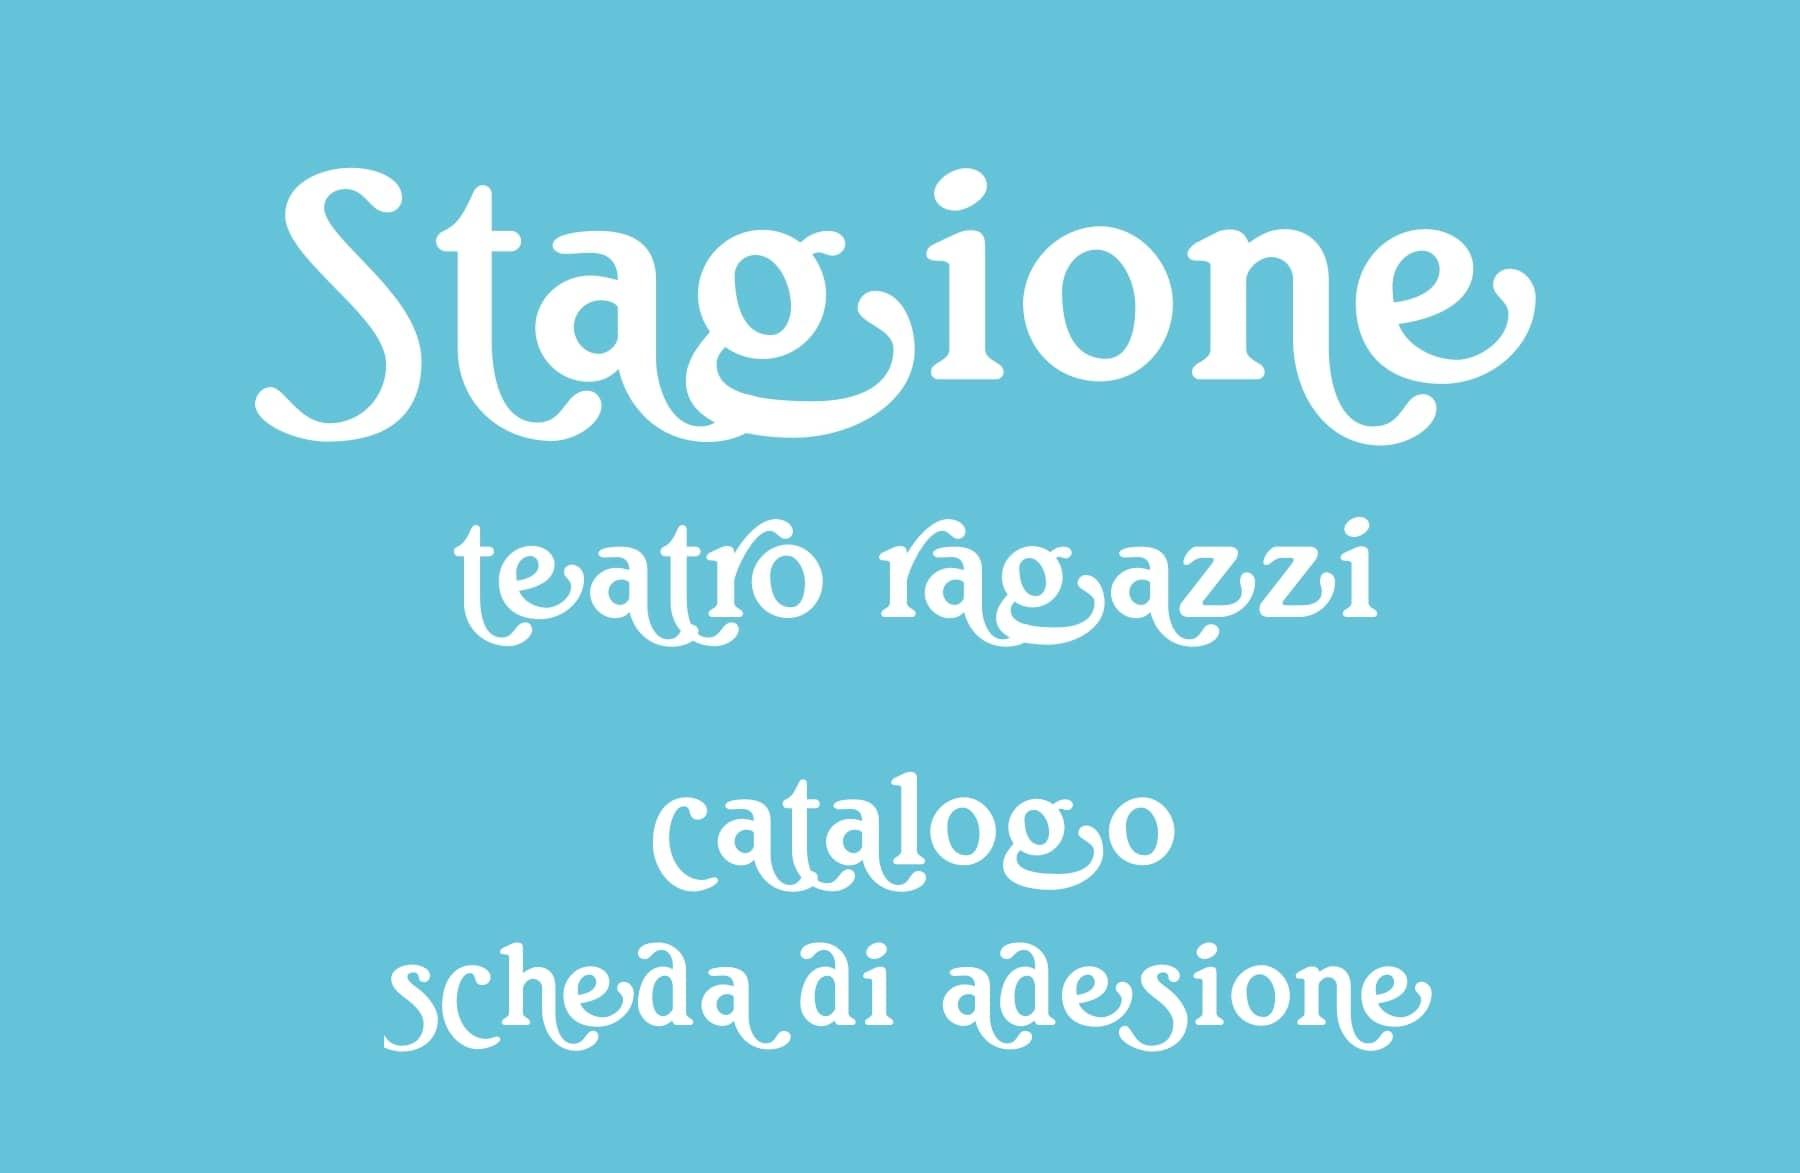 Catalogo Stagione Teatro Ragazzi